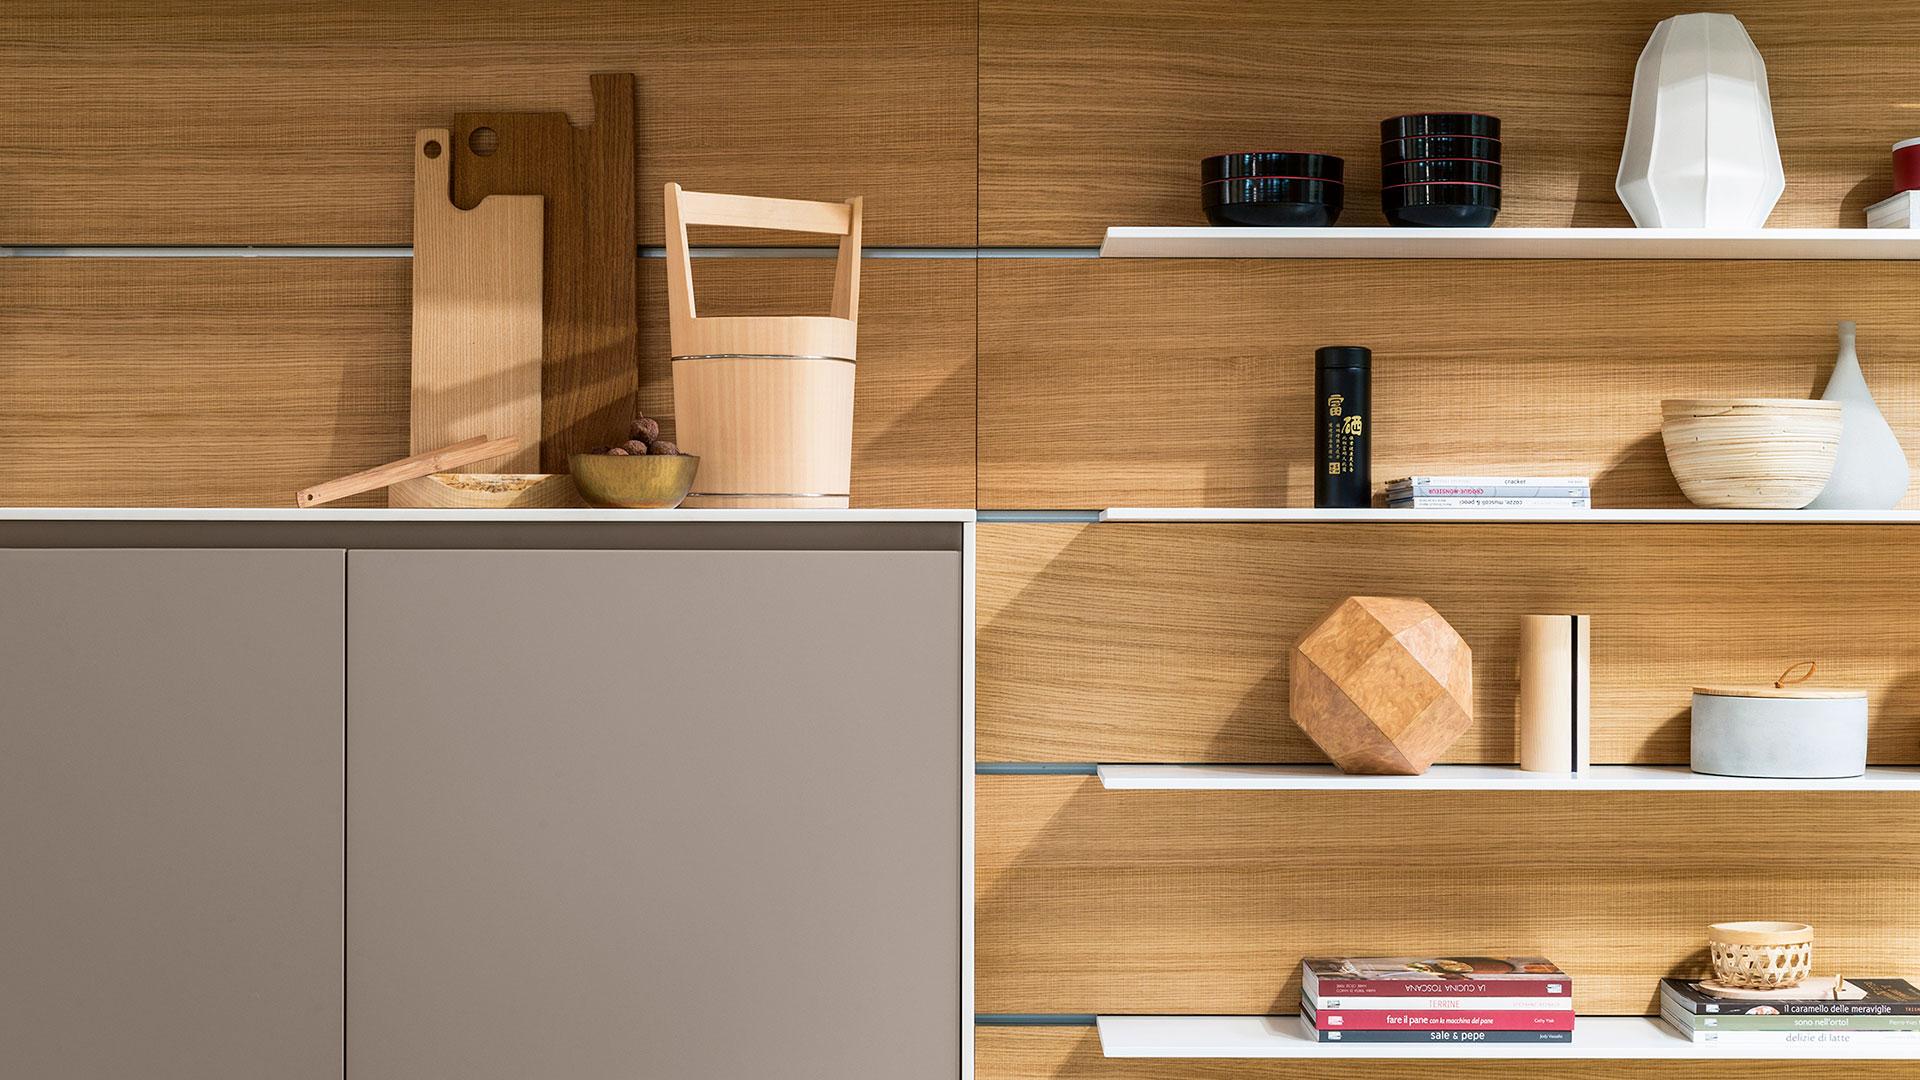 Freestanding modern kitchen in Corian | TM Italia 2018 Kitchens Collection - TM_CAT_K6_005